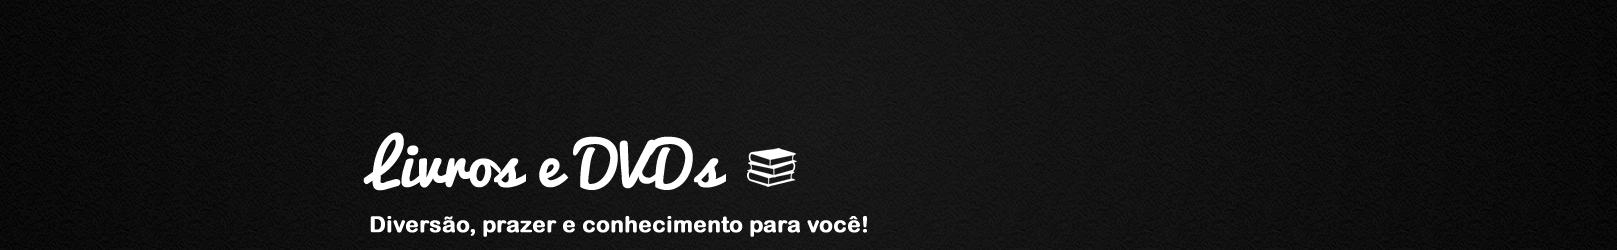 Livros e DVDs